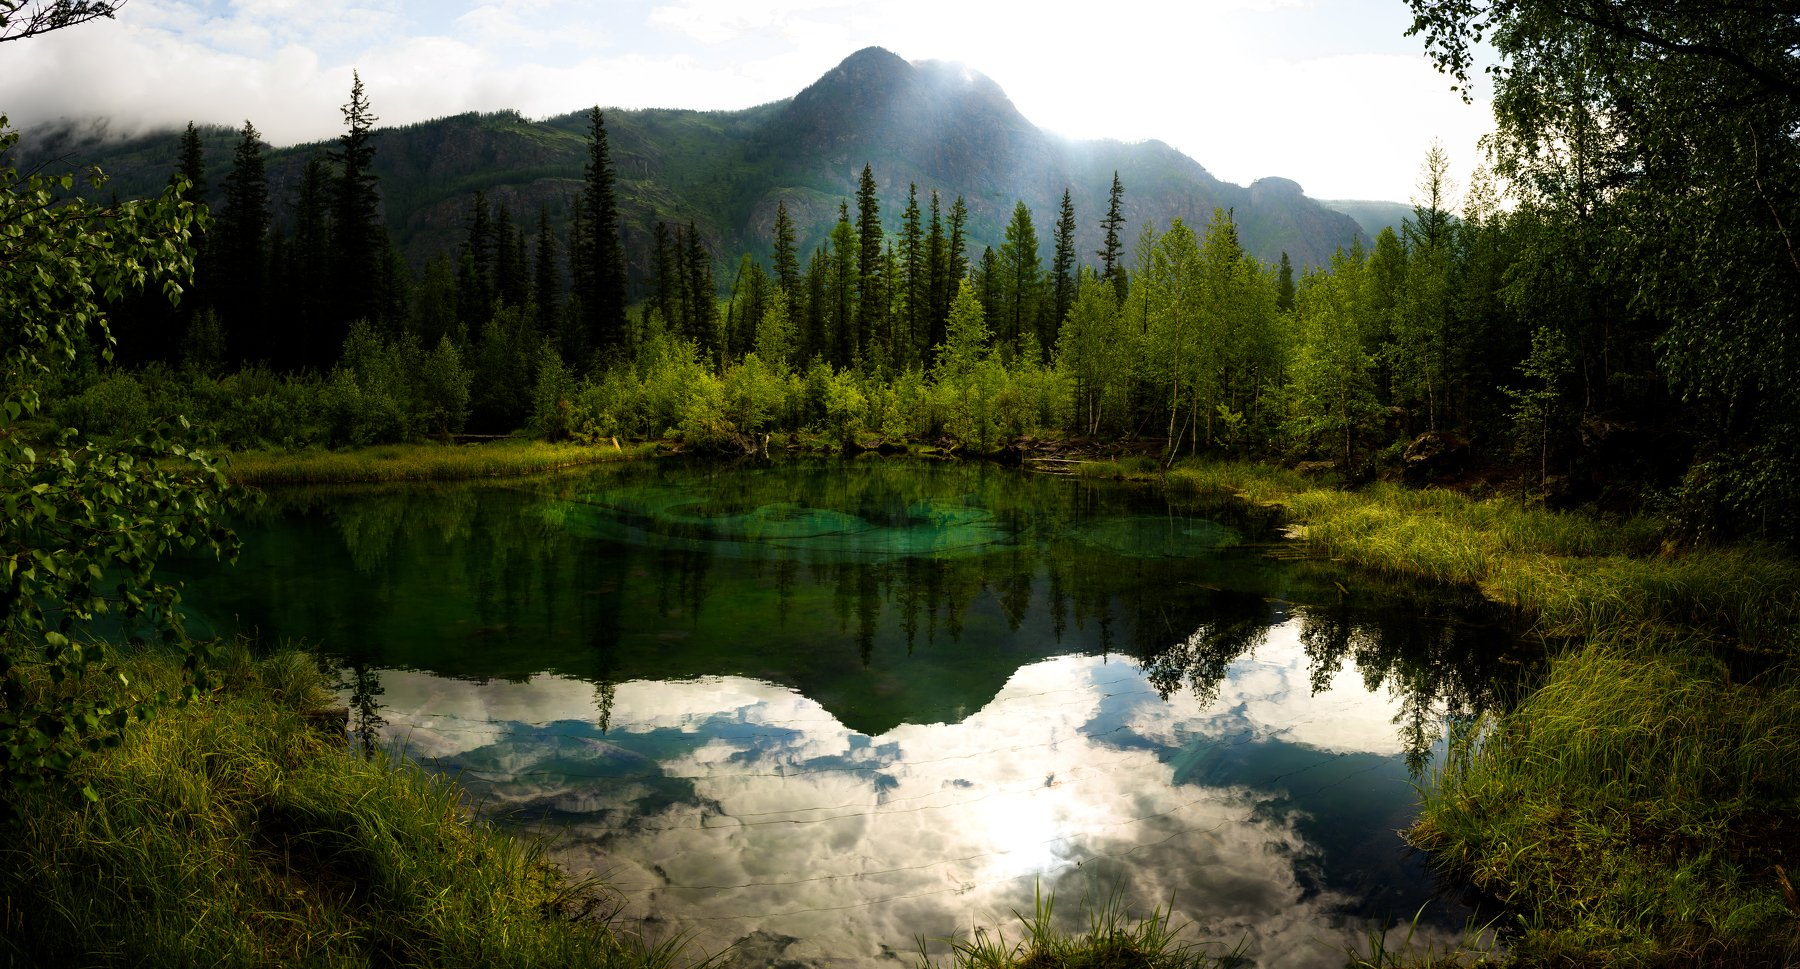 Озеро гейзеров, Республика Алтай, Россия, природа, пейзаж, Карамышев, Роман, Роман Карамышев